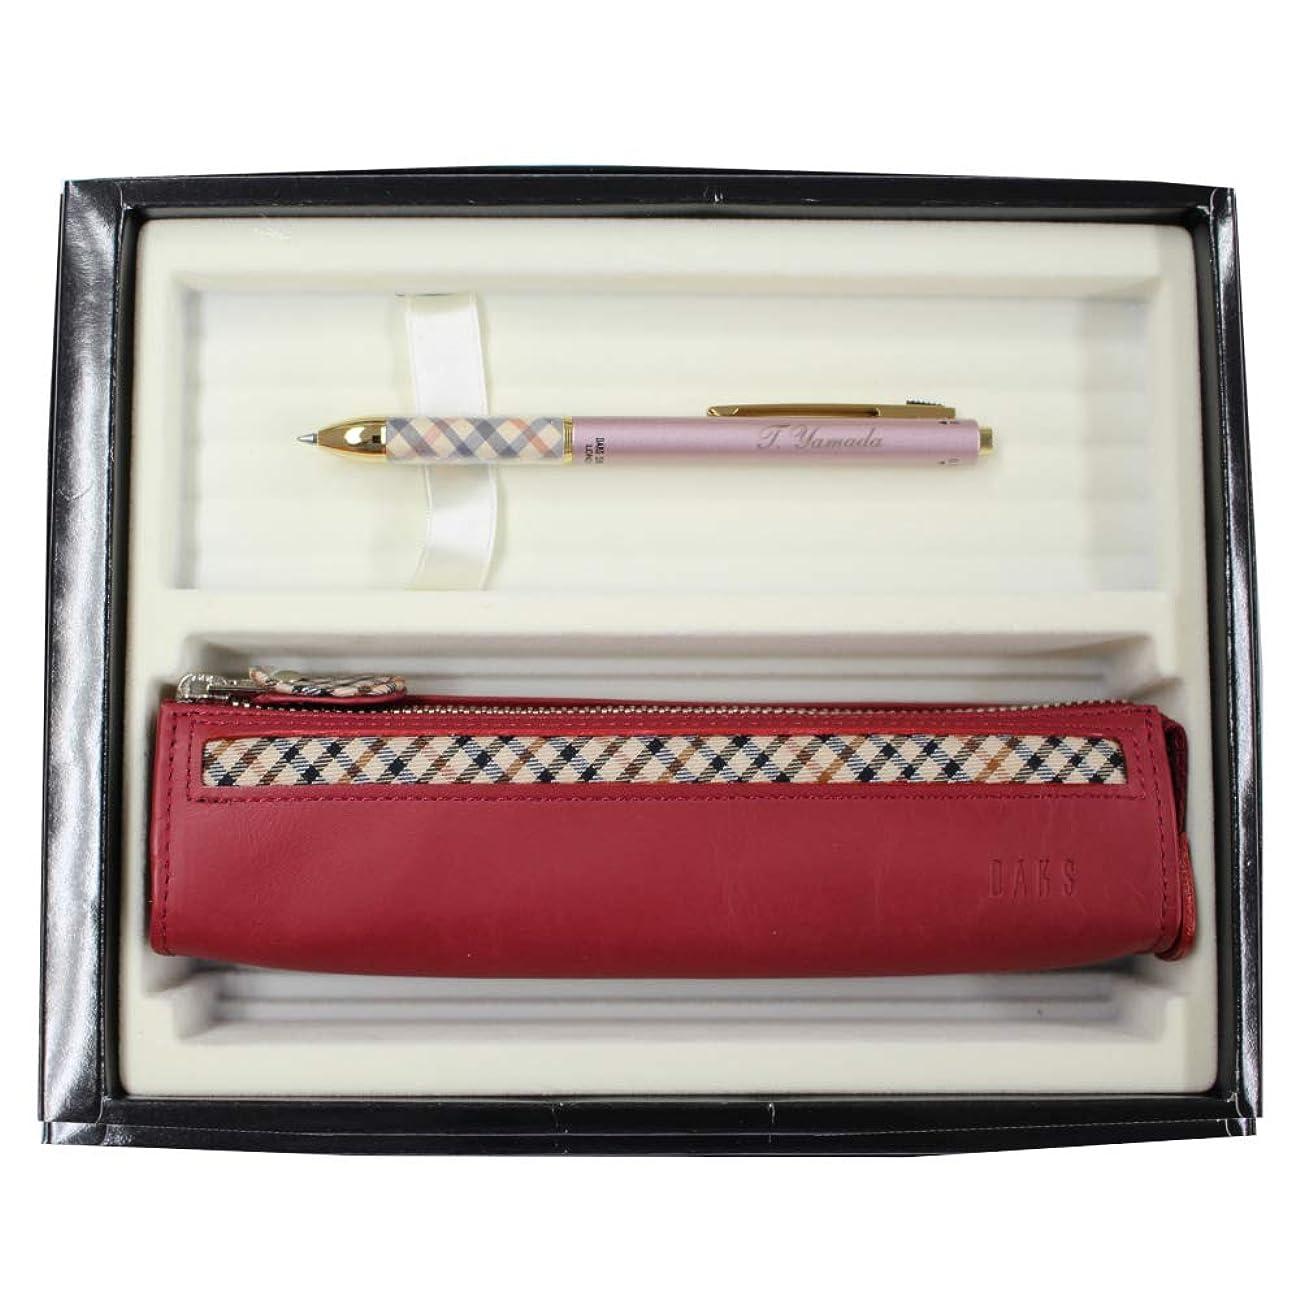 プラグリー船酔い名入れ ボールペン&ペンケースセット ハウスチェック クロスライン ペンケース (レッド) ダックス ブリーズ3 多機能ボールペン ピンク DAKS